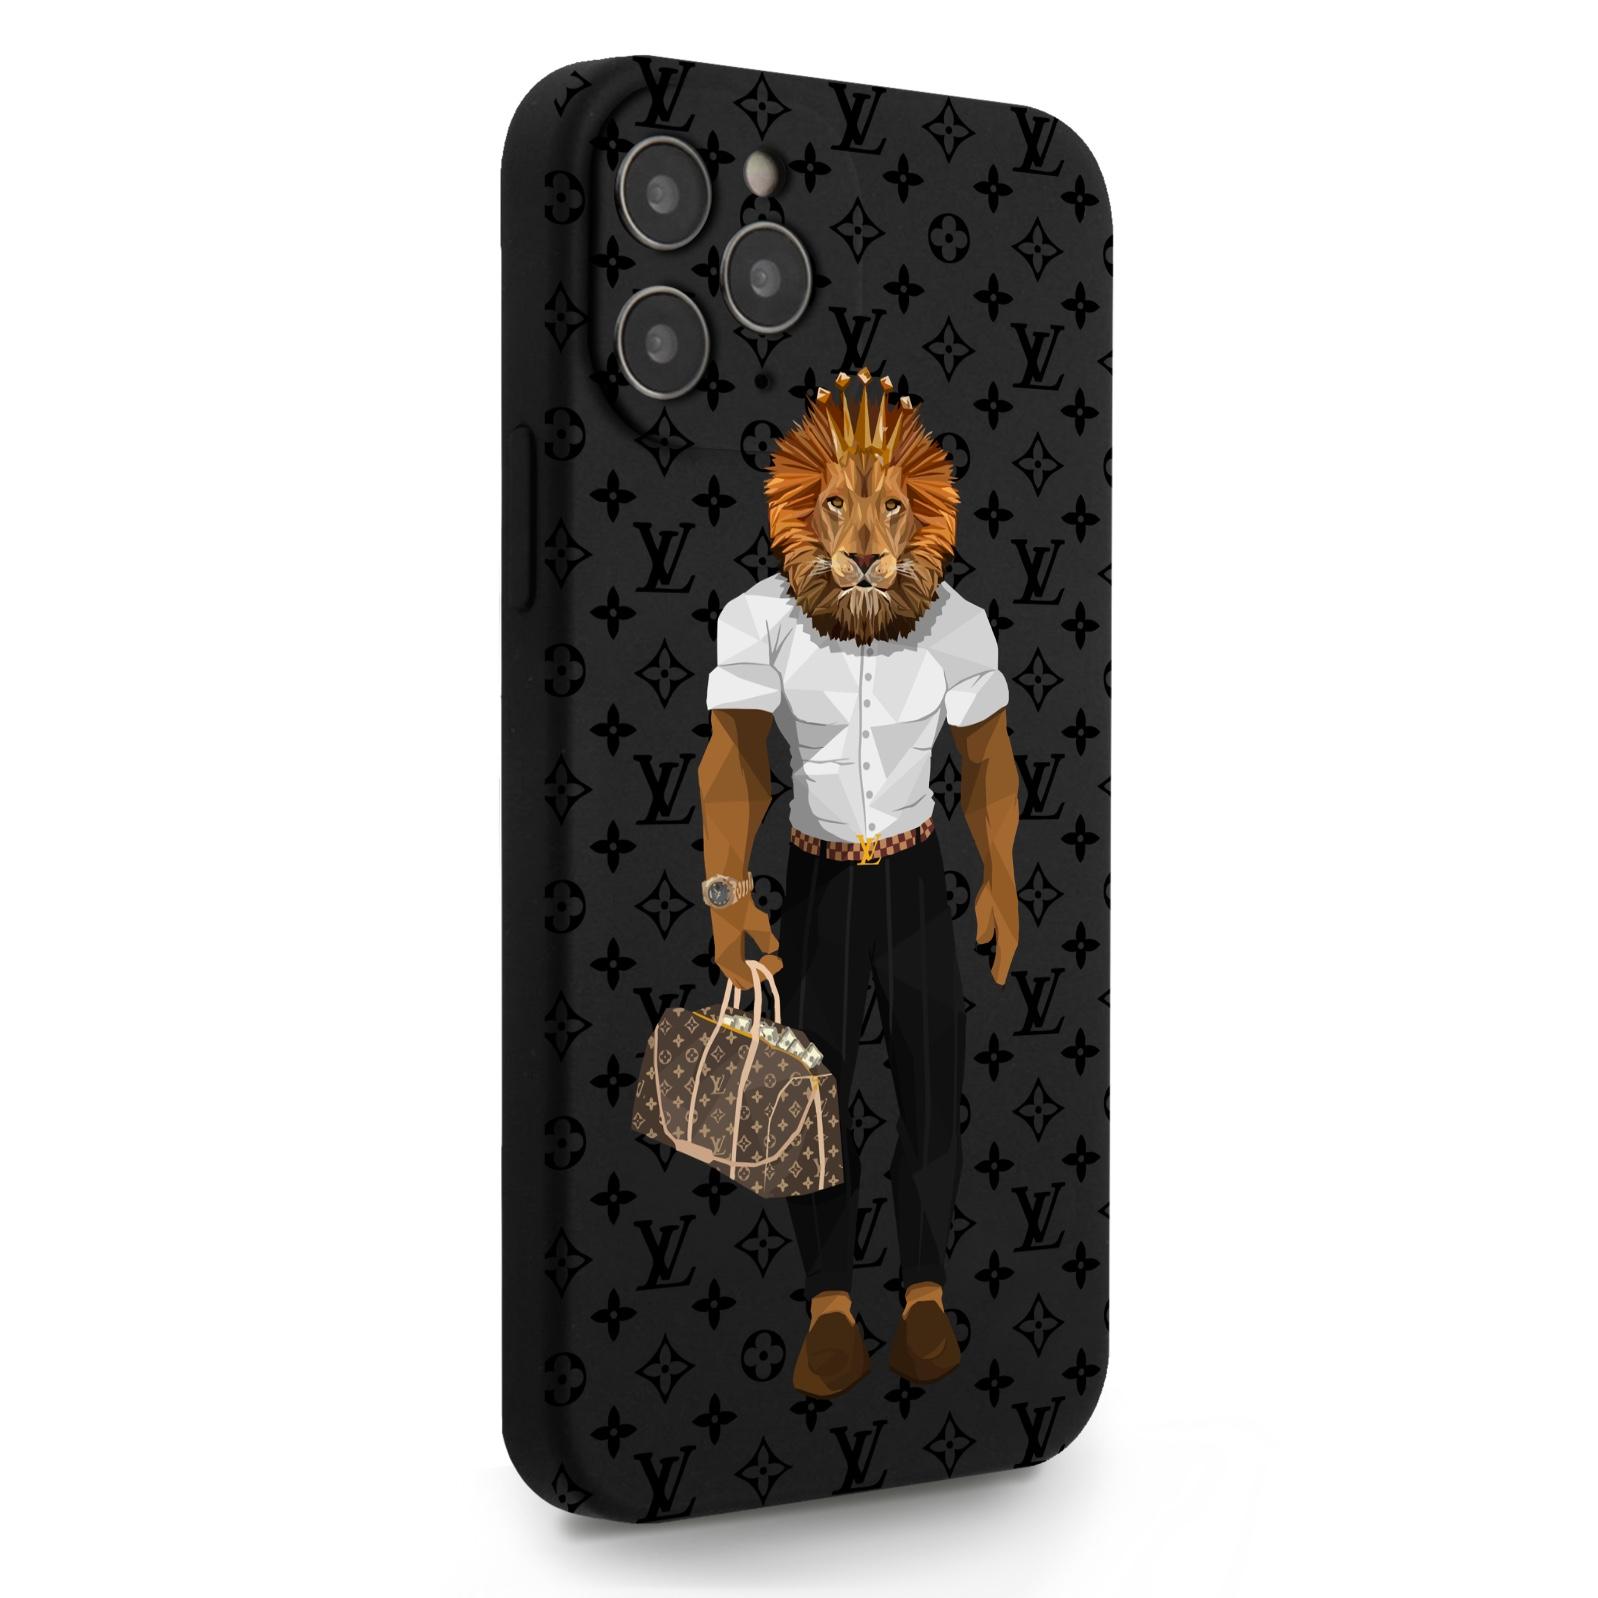 Черный силиконовый чехол для iPhone 12/12 Pro LV Lion для Айфон 12/12 Про